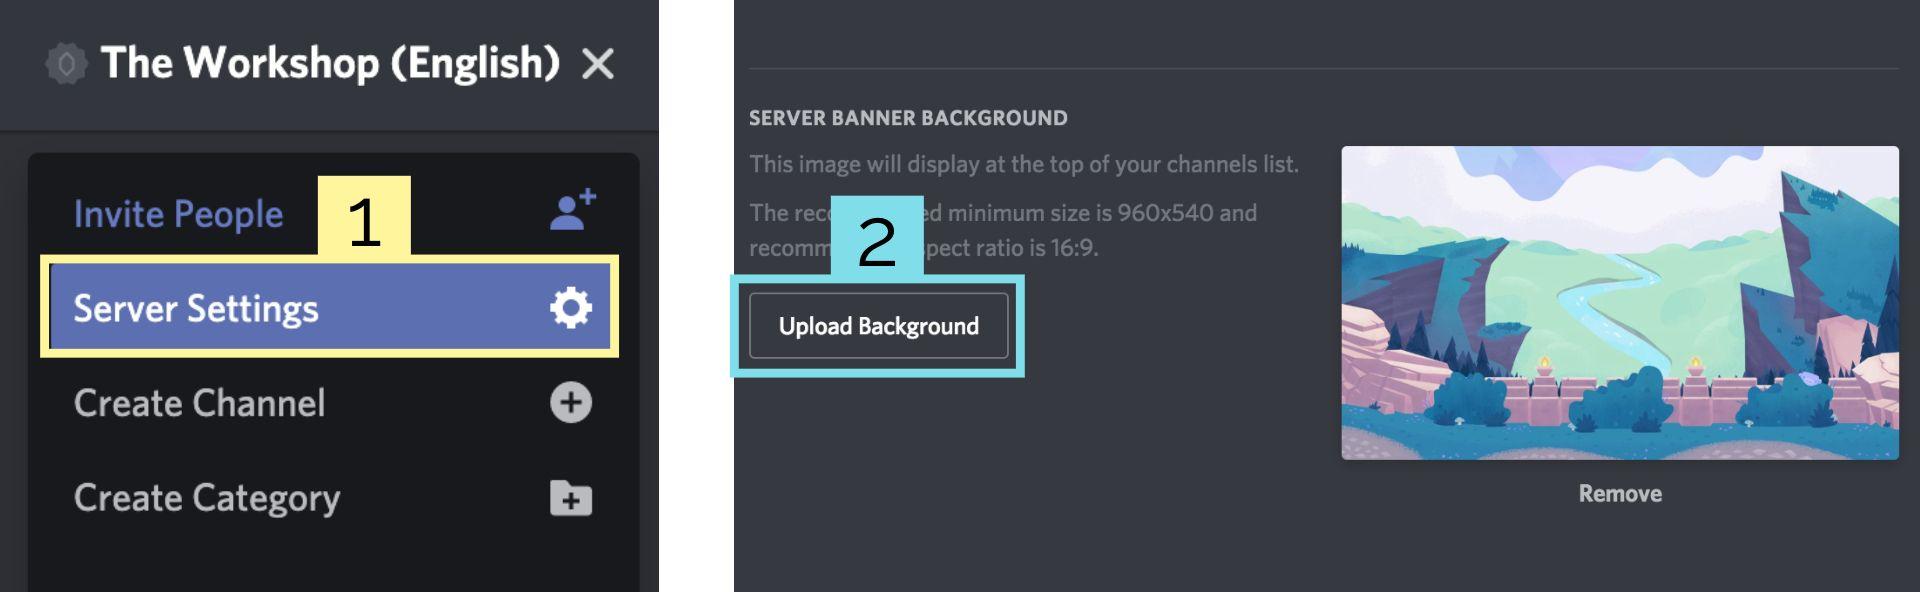 Capturas de pantalla que muestran cómo cargar una imagen de banner de fondo del servidor en Discord.